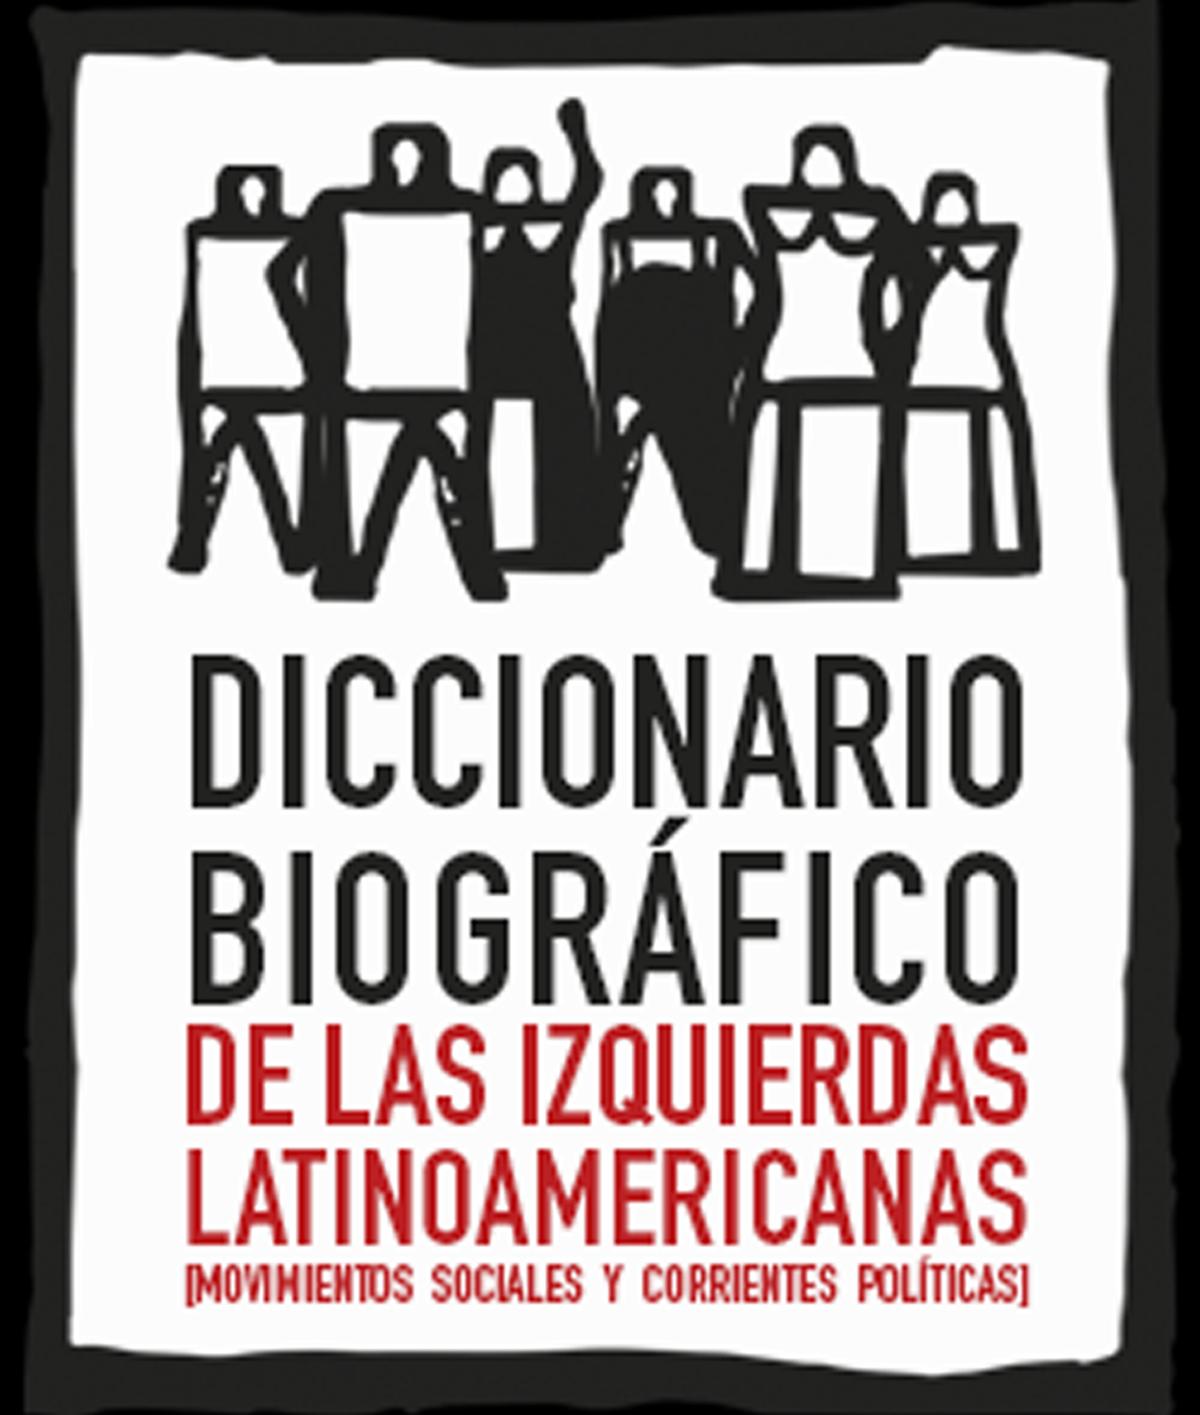 Diccionario Biográfico de las izquierdas Latinoamericanas